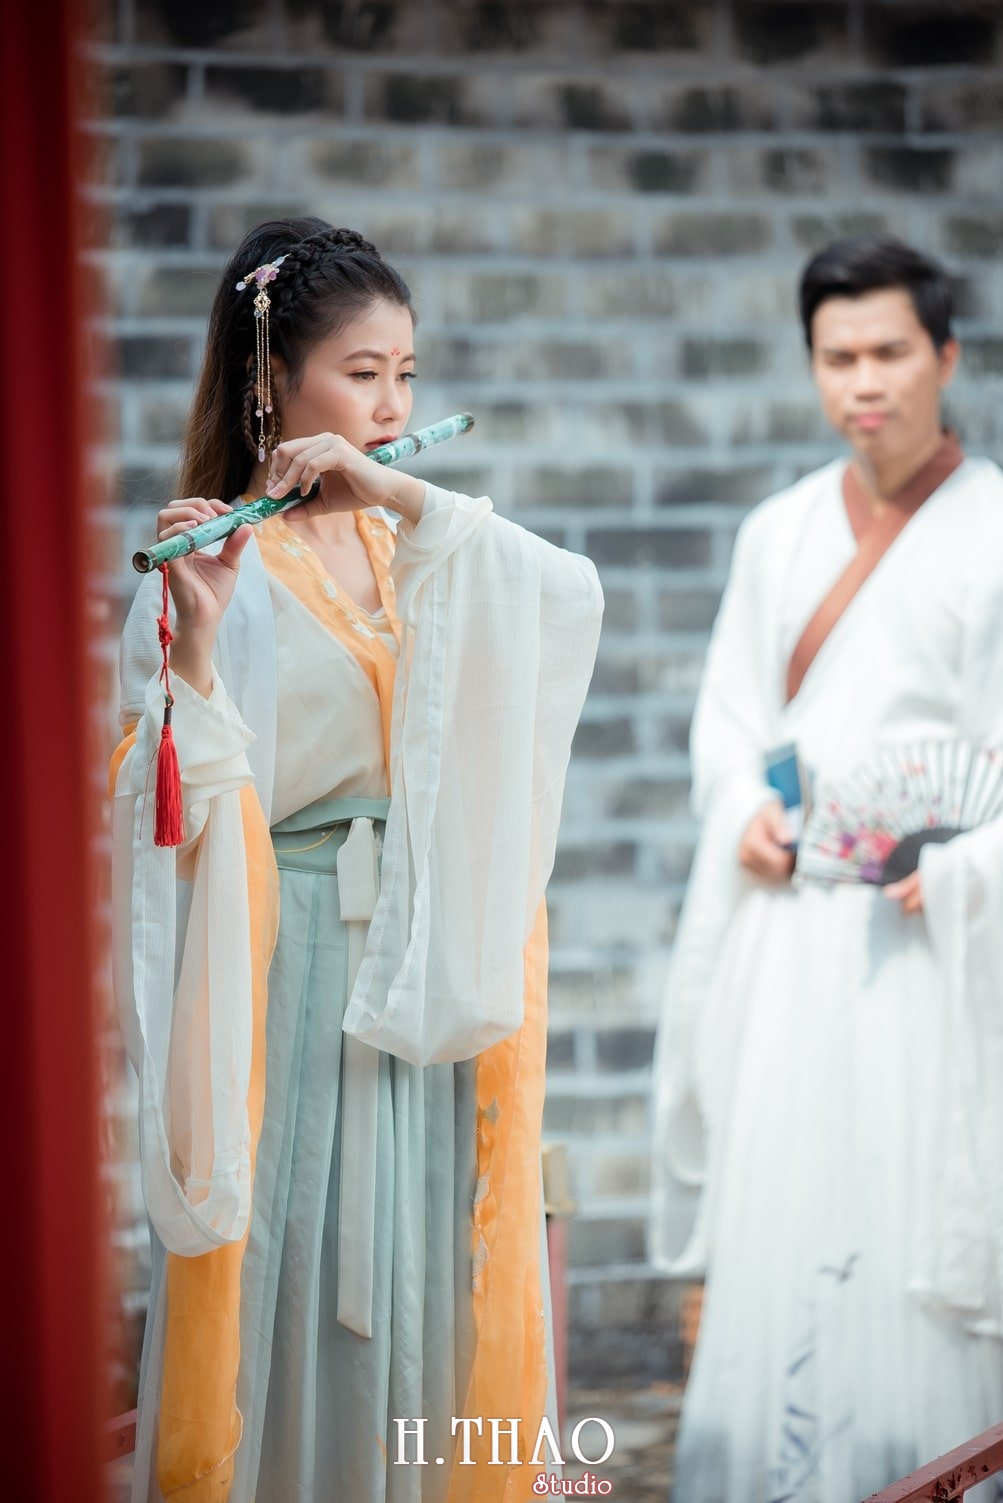 Couple co trang 10 - Album ảnh chụp cổ trang couple đôi bạn đẹp độc lạ - HThao Studio